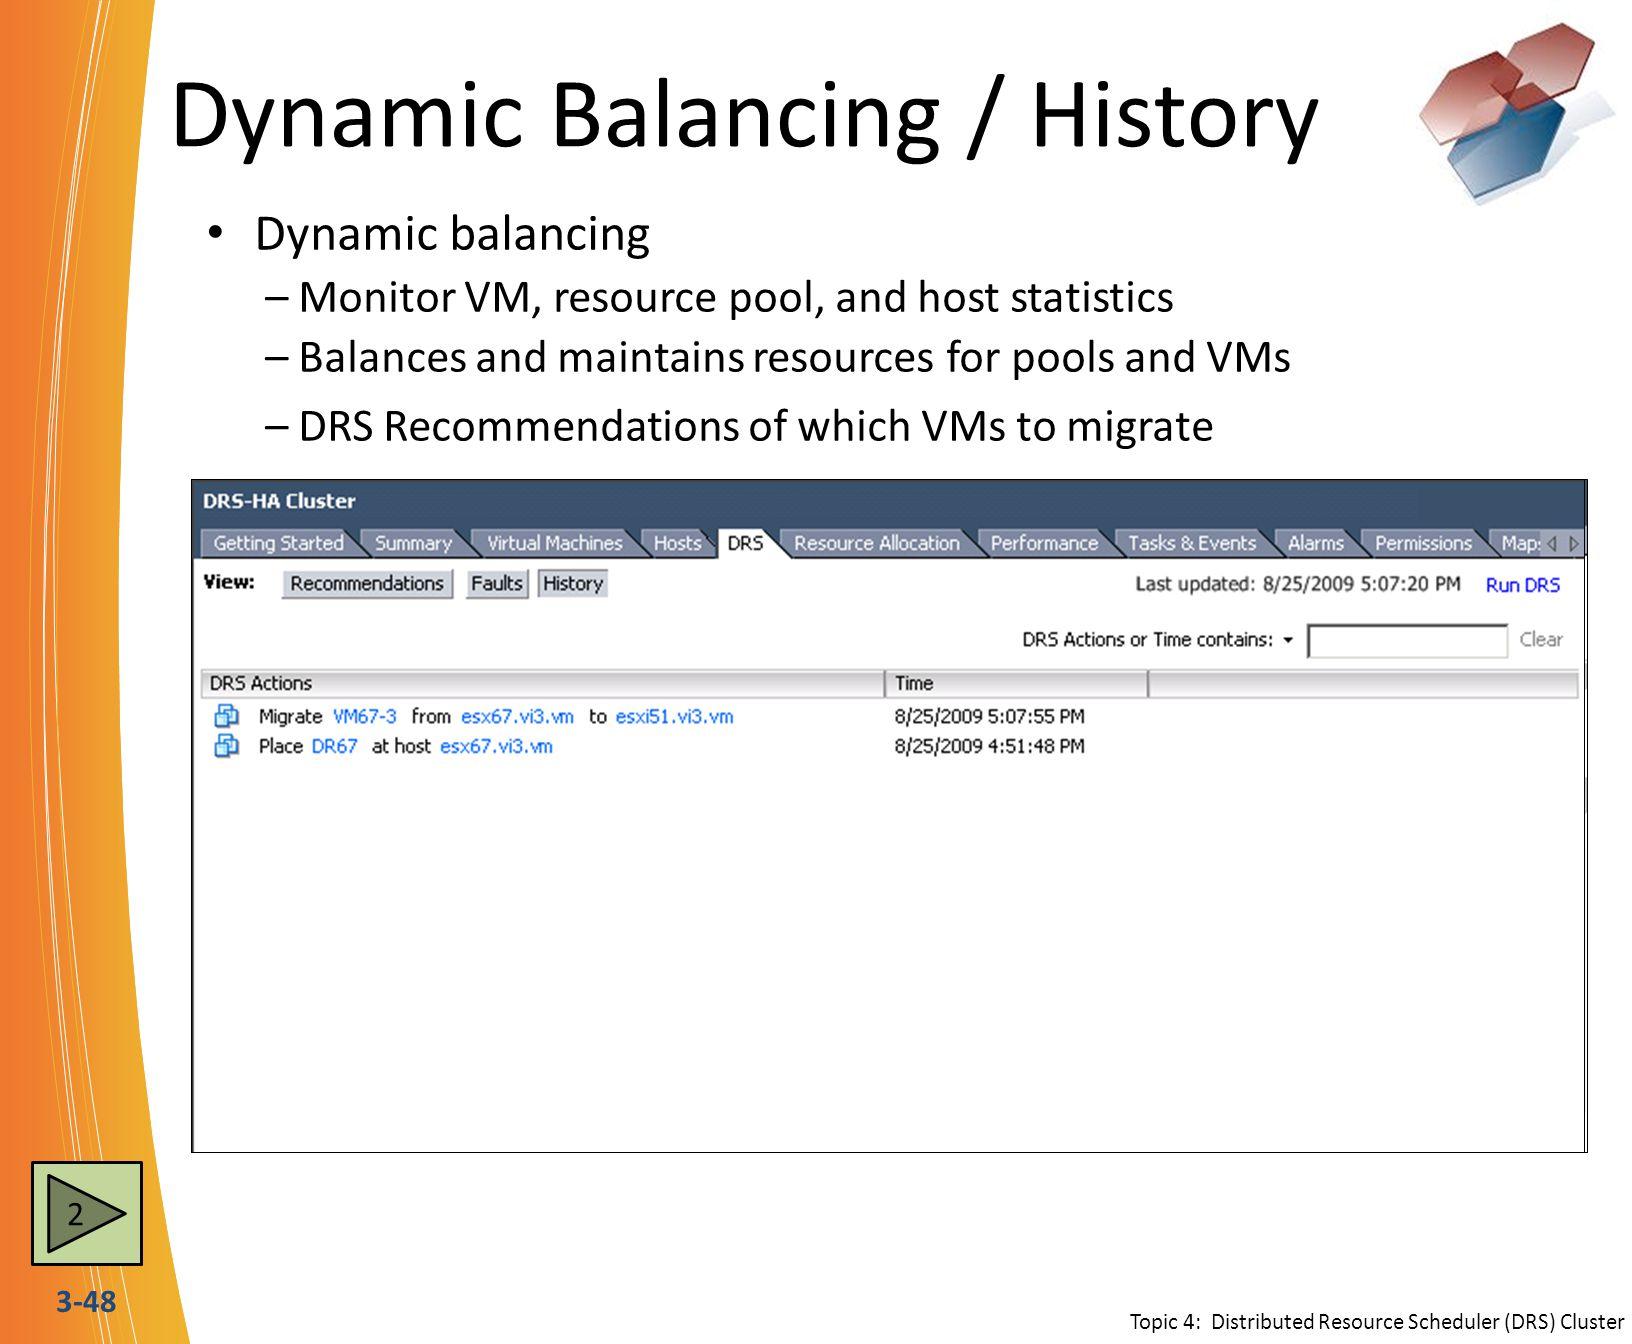 Dynamic Balancing / History